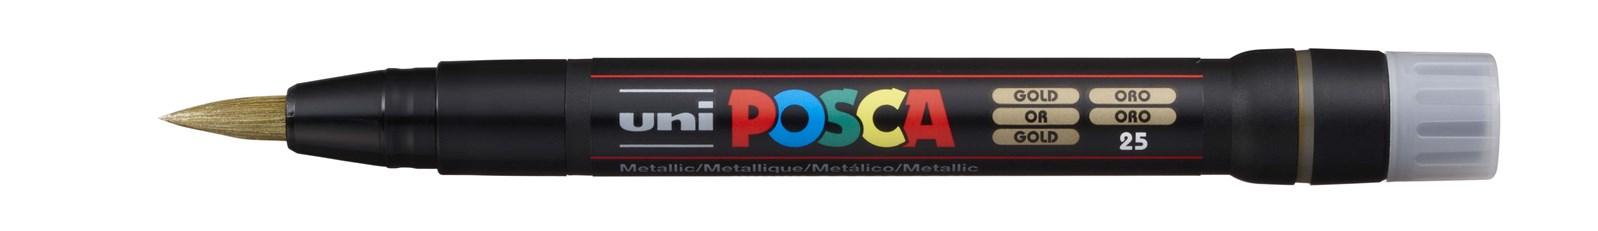 Uni ball, PCF-350, Posca, akrylový popisovač se štětečkovým hrotem, 1 ks, zlatá